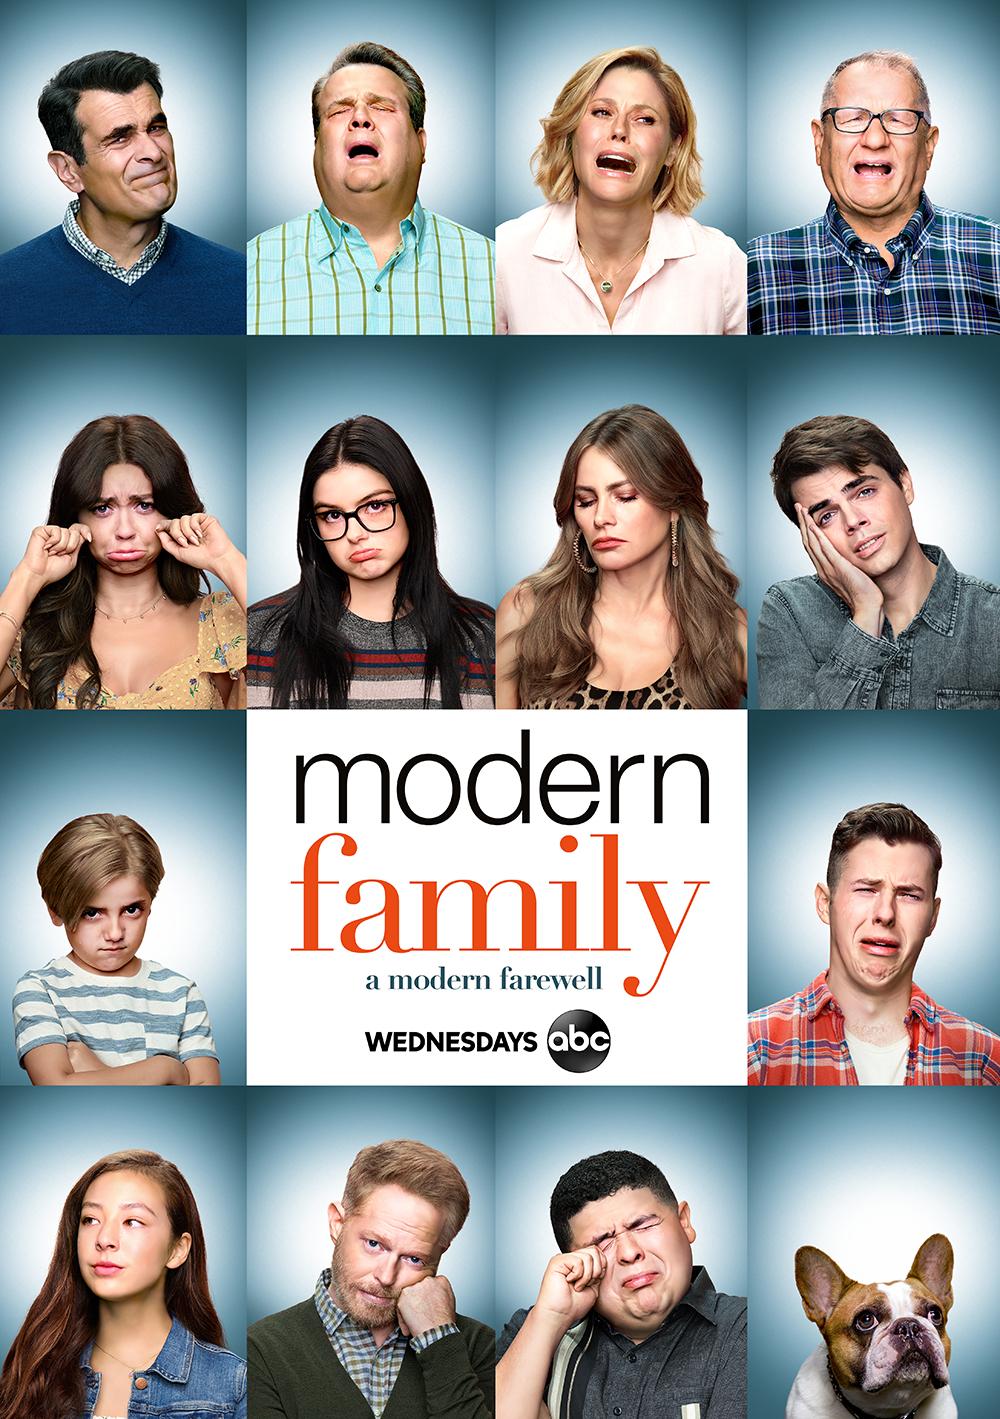 Modern.Family.S11E10.SPANiSH.1080p.HDTV.x264-FCC